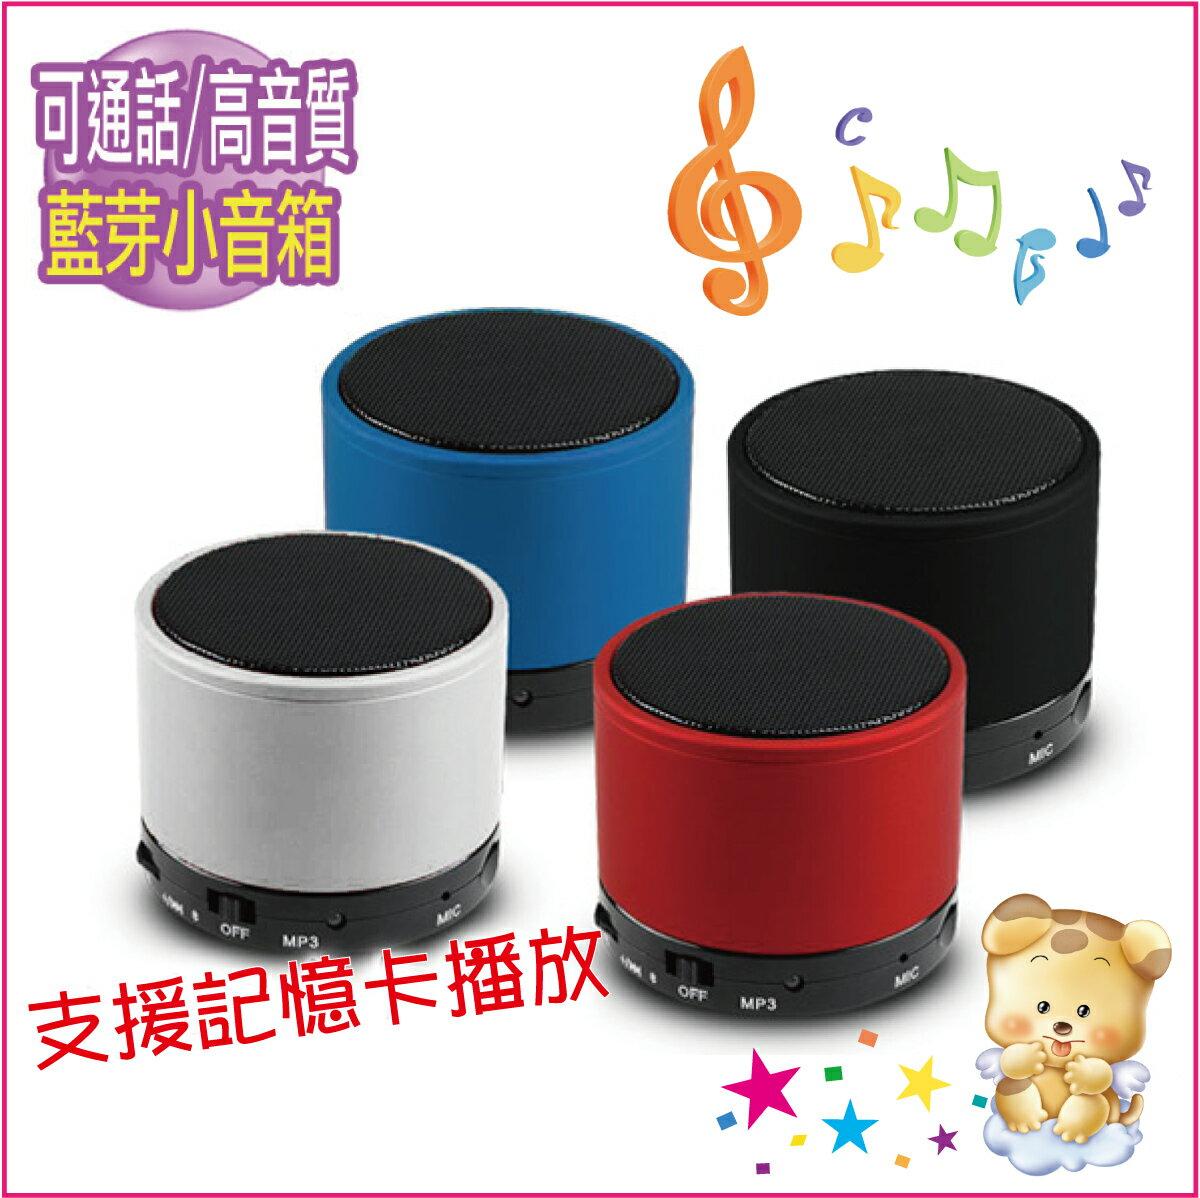 無線藍芽MP3播放器 / 藍芽喇叭 / 藍芽音箱 / 來電免持重低音  BT01